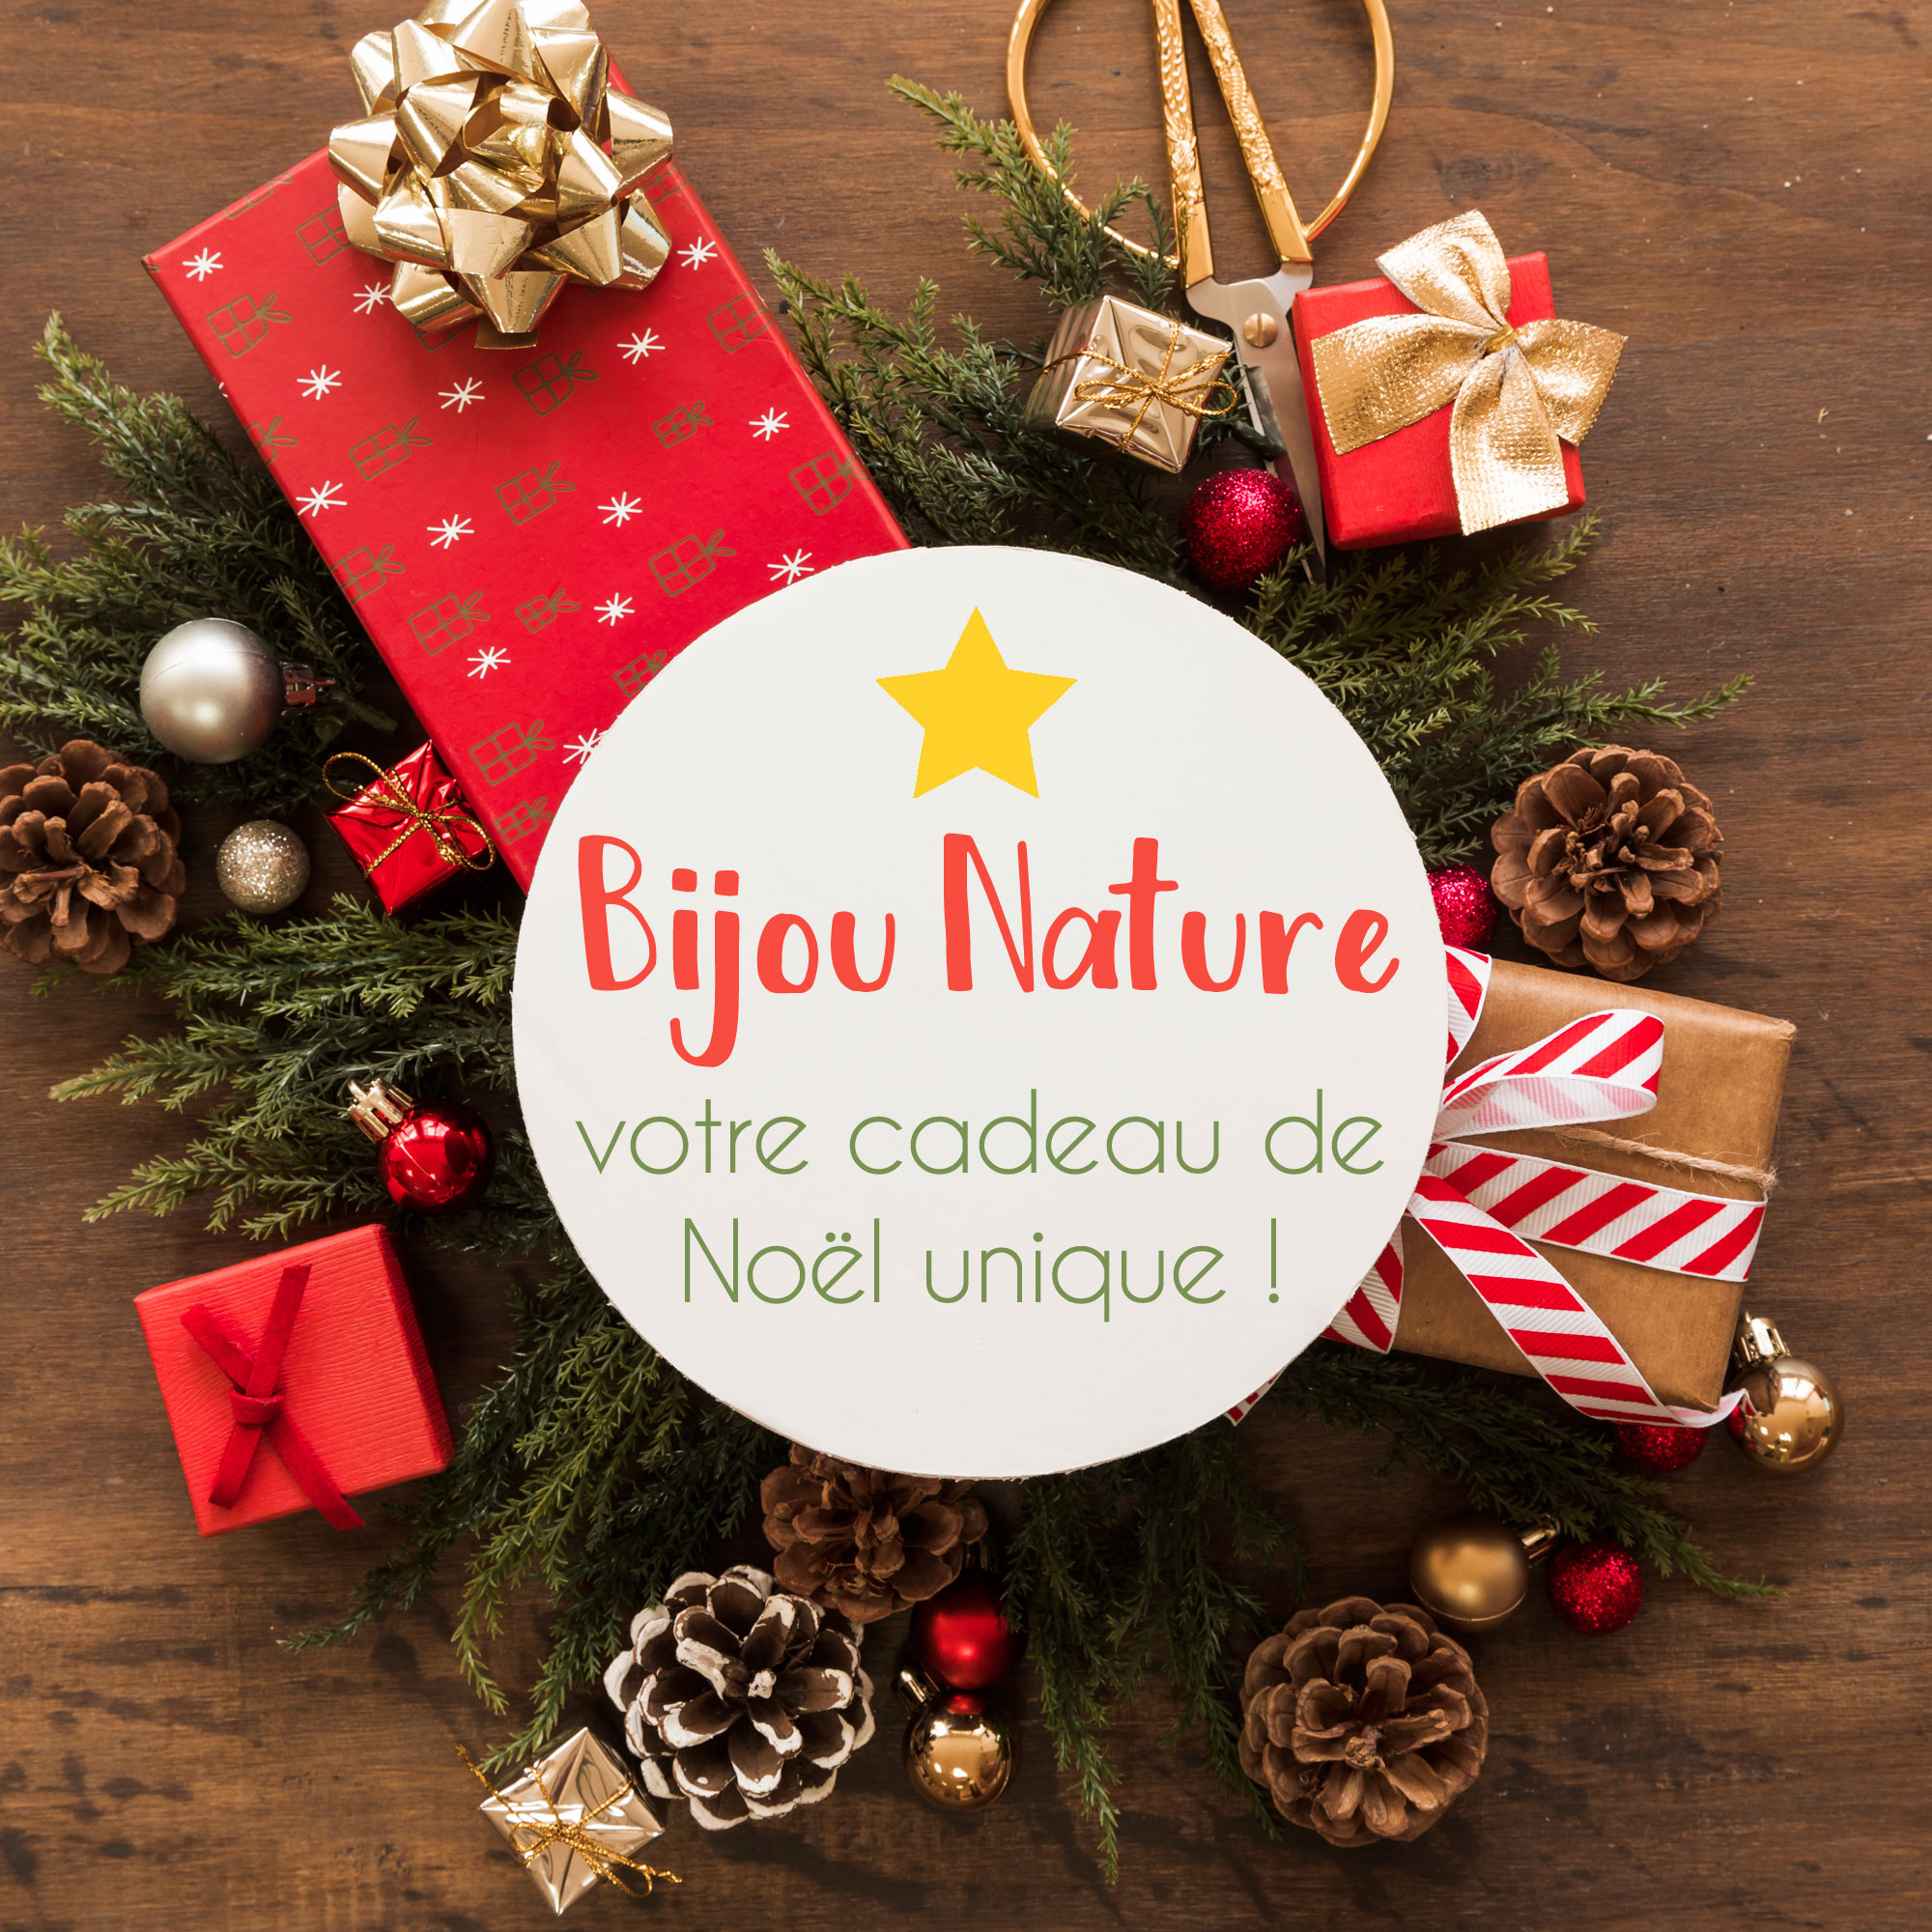 Bijou Fleur : Offrez un cadeau Nature unique pour Noël !